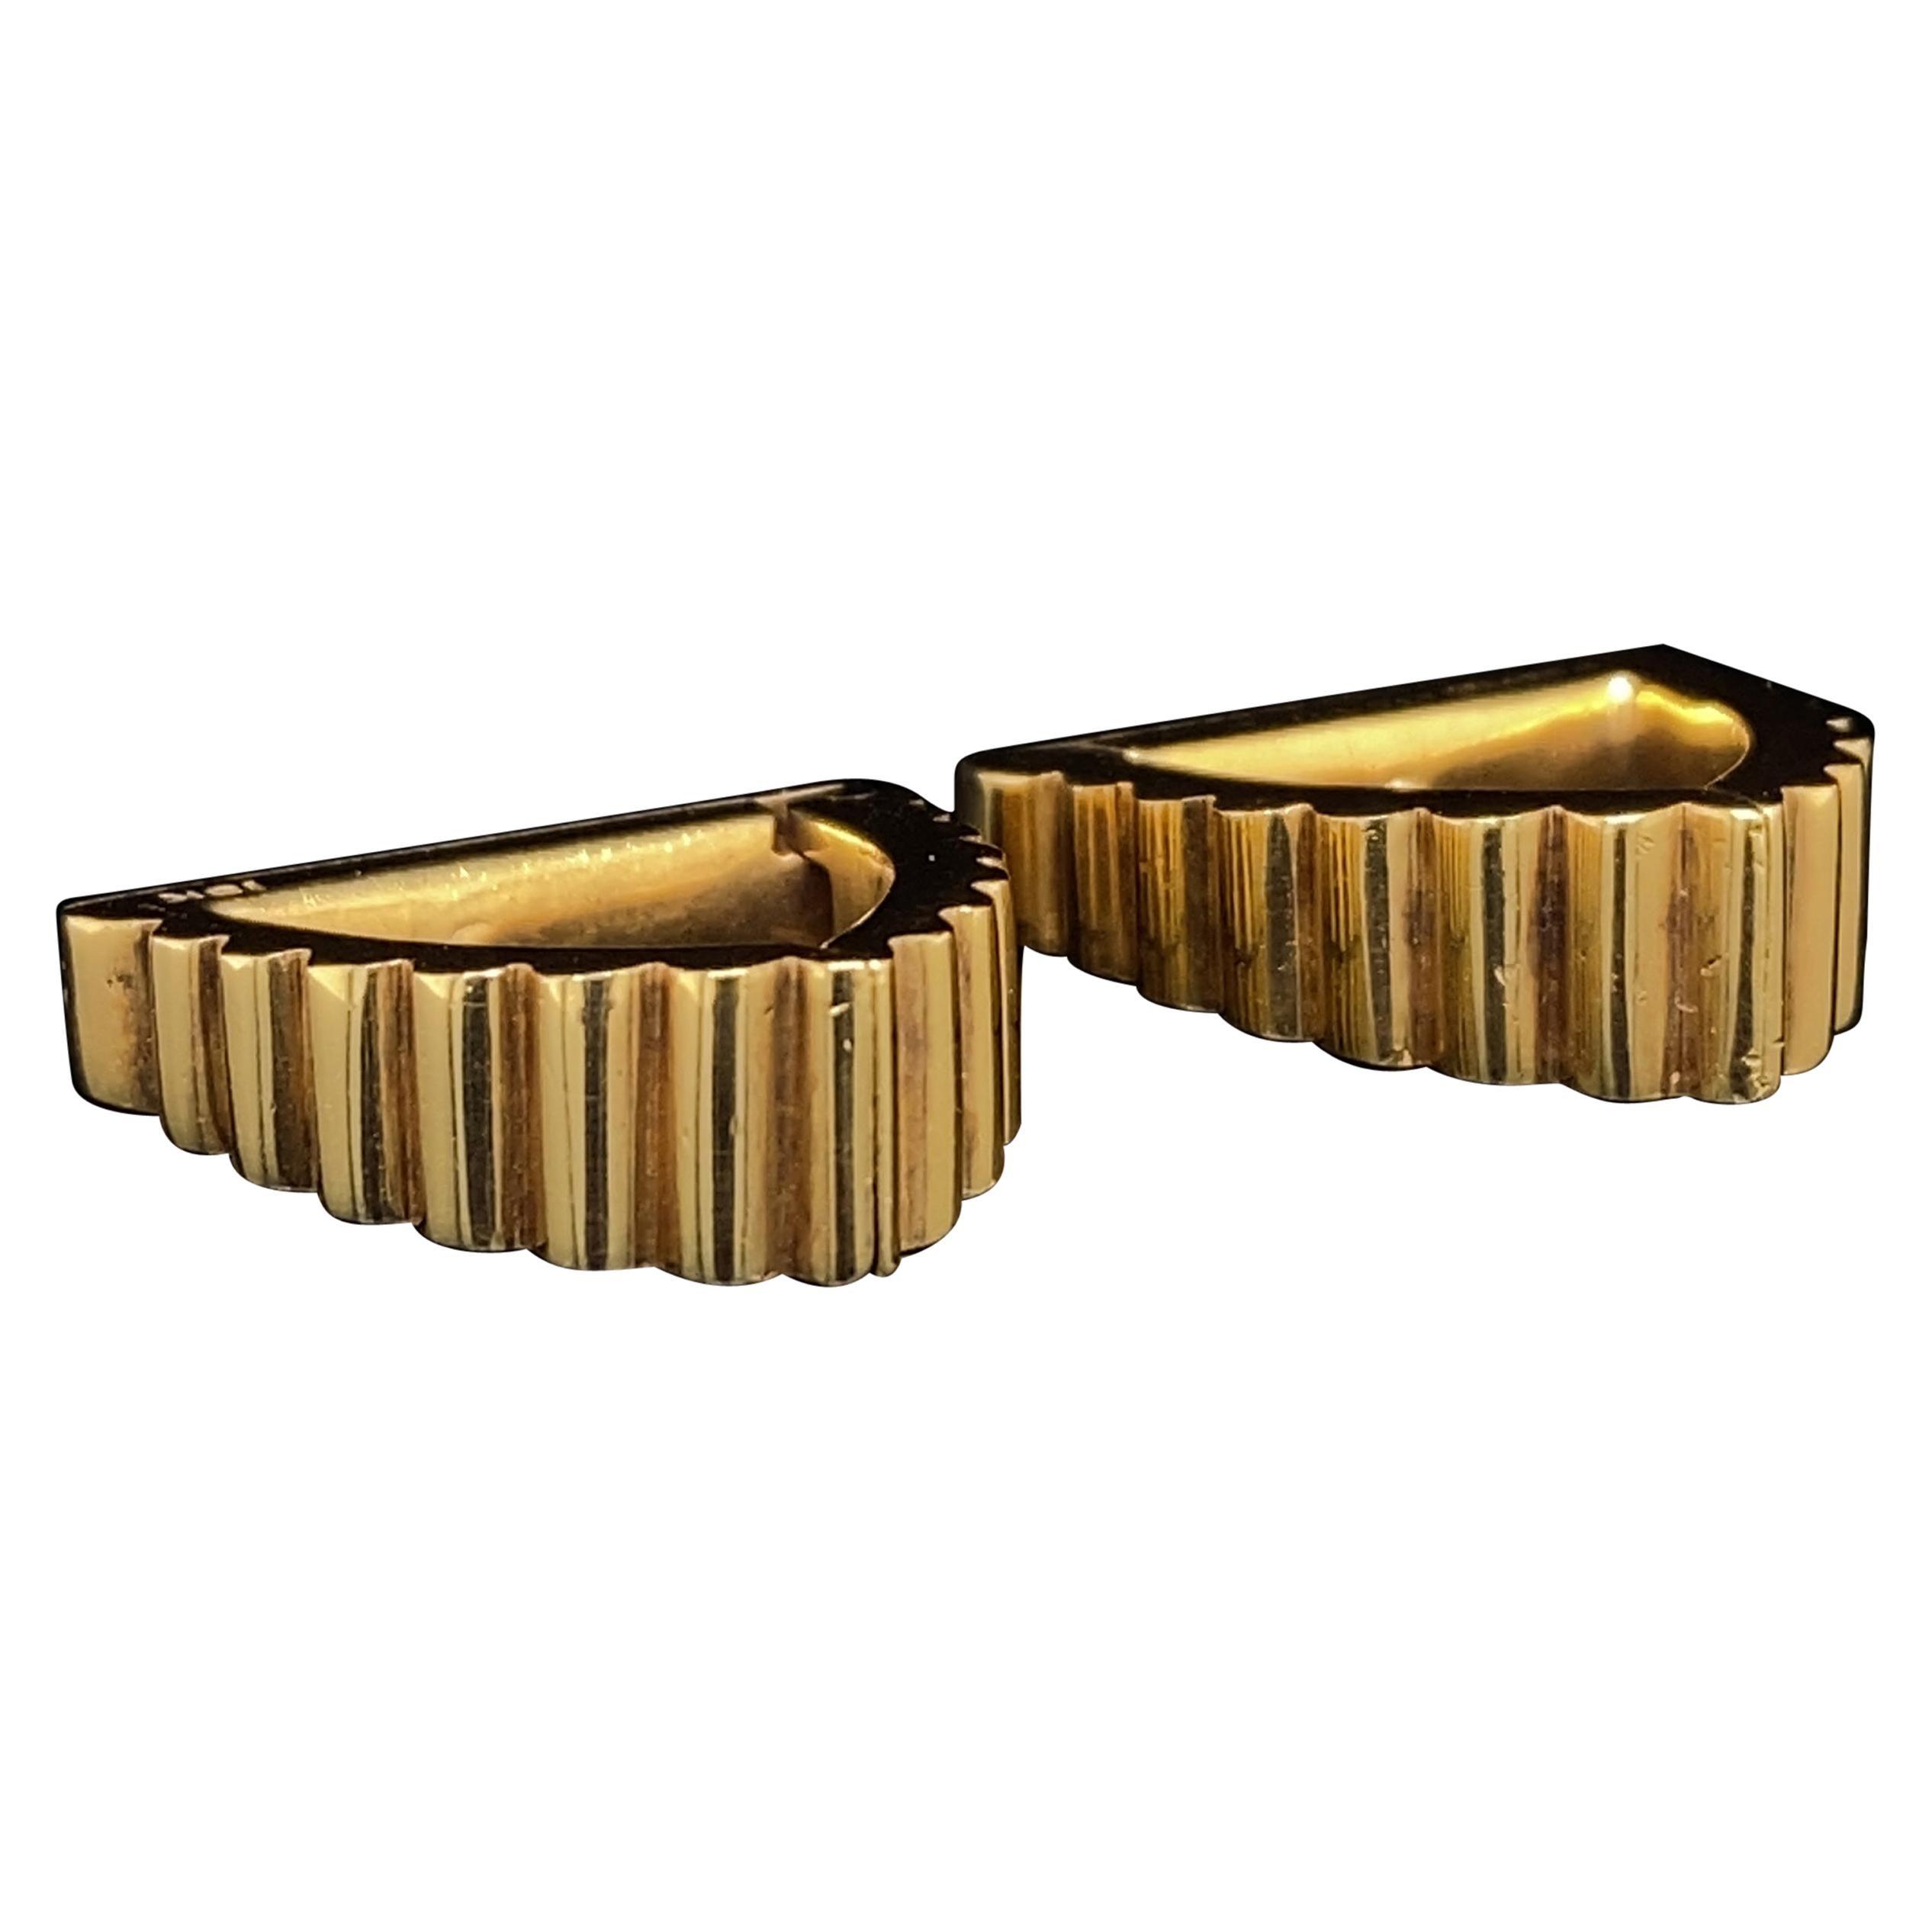 Vintage Cartier Stirrup Cufflinks 18 Karat Yellow Gold, Circa 1950